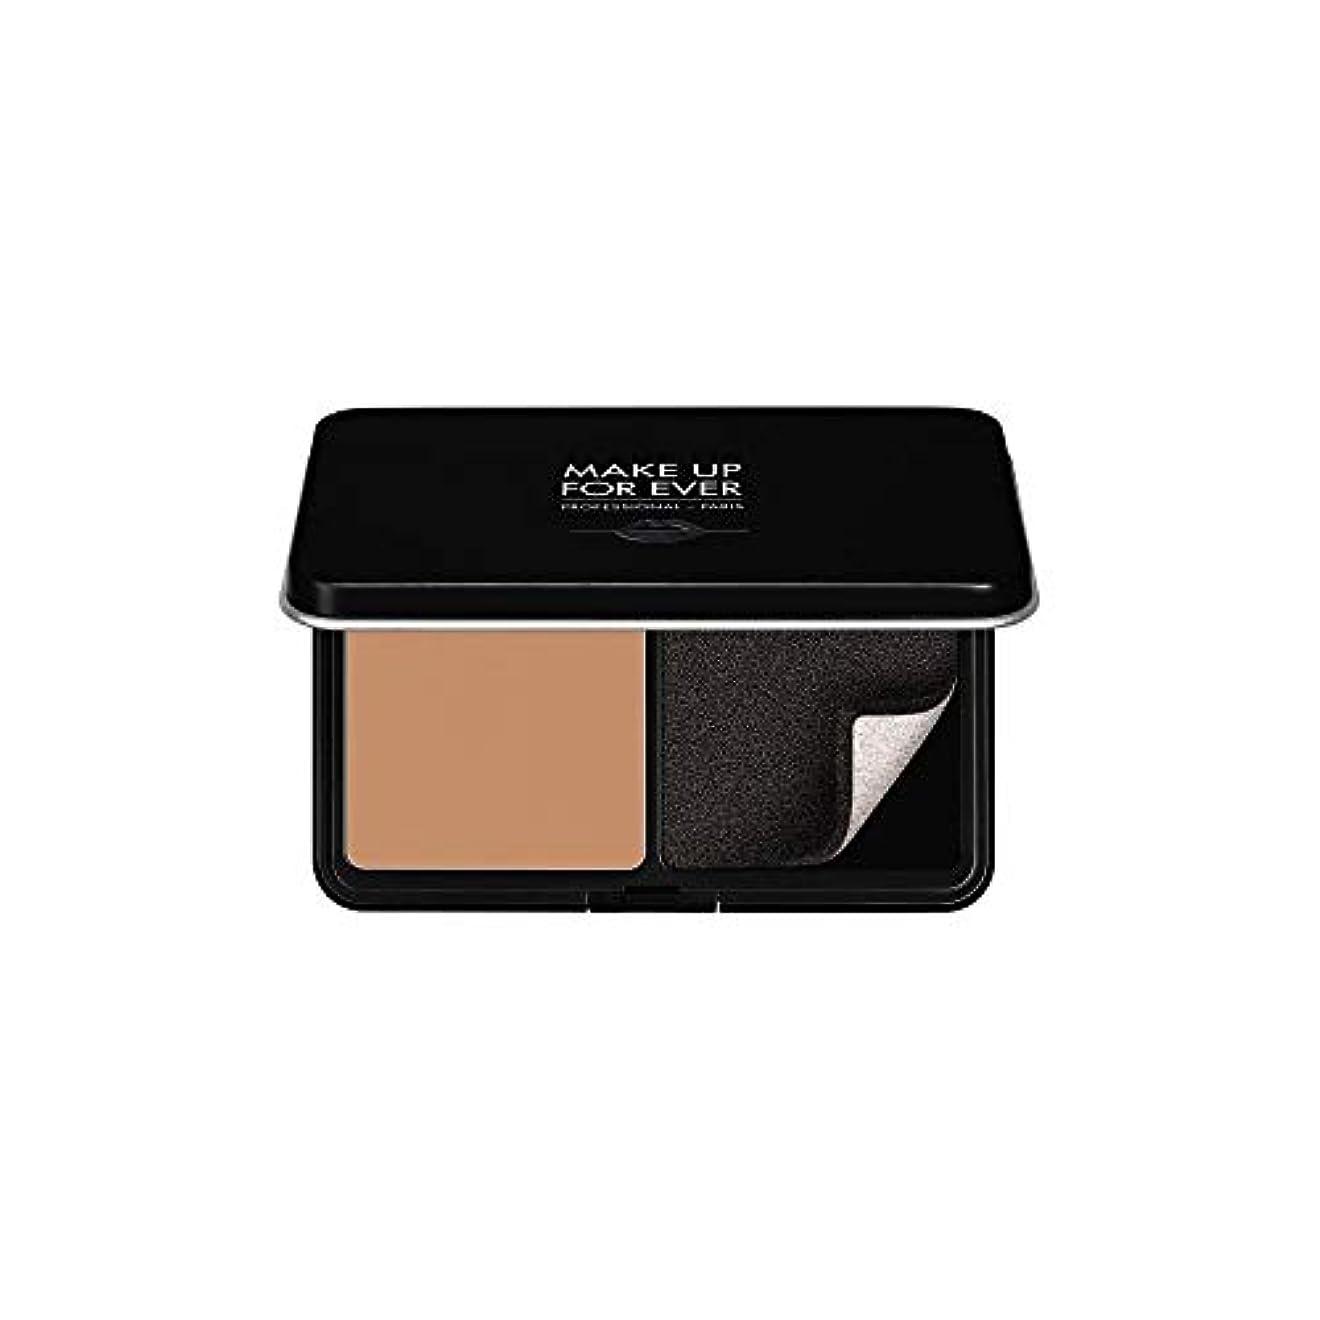 擬人動作鏡メイクアップフォーエバー Matte Velvet Skin Blurring Powder Foundation - # R410 (Golden Beige) 11g/0.38oz並行輸入品